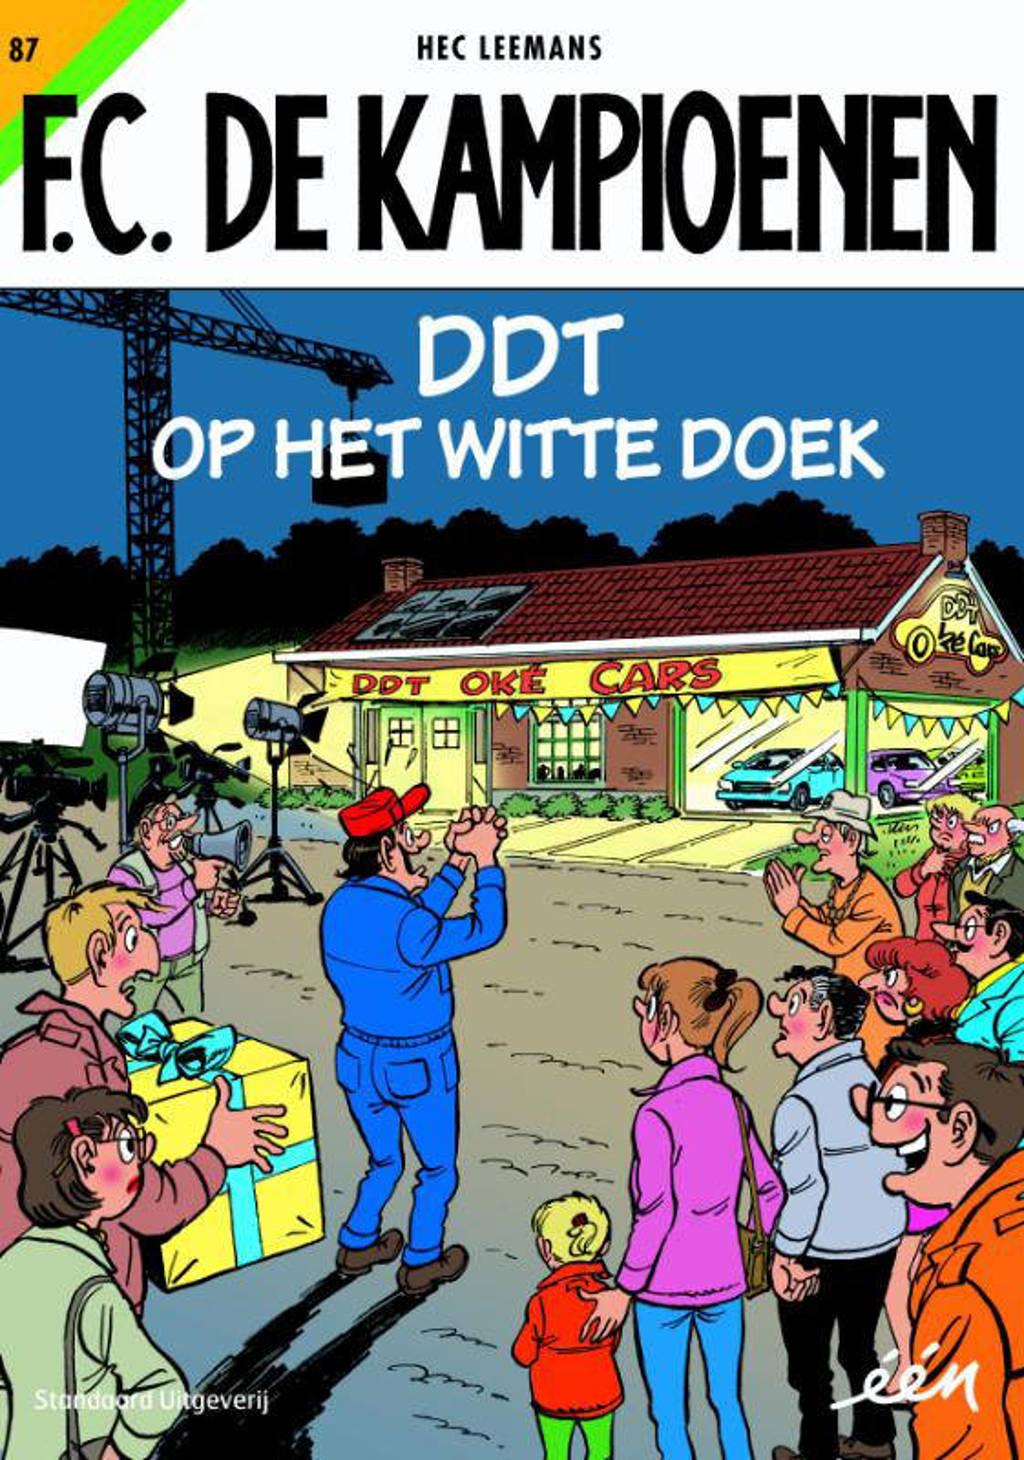 F.C. De Kampioenen: DDT op het witte doek - Hec Leemans